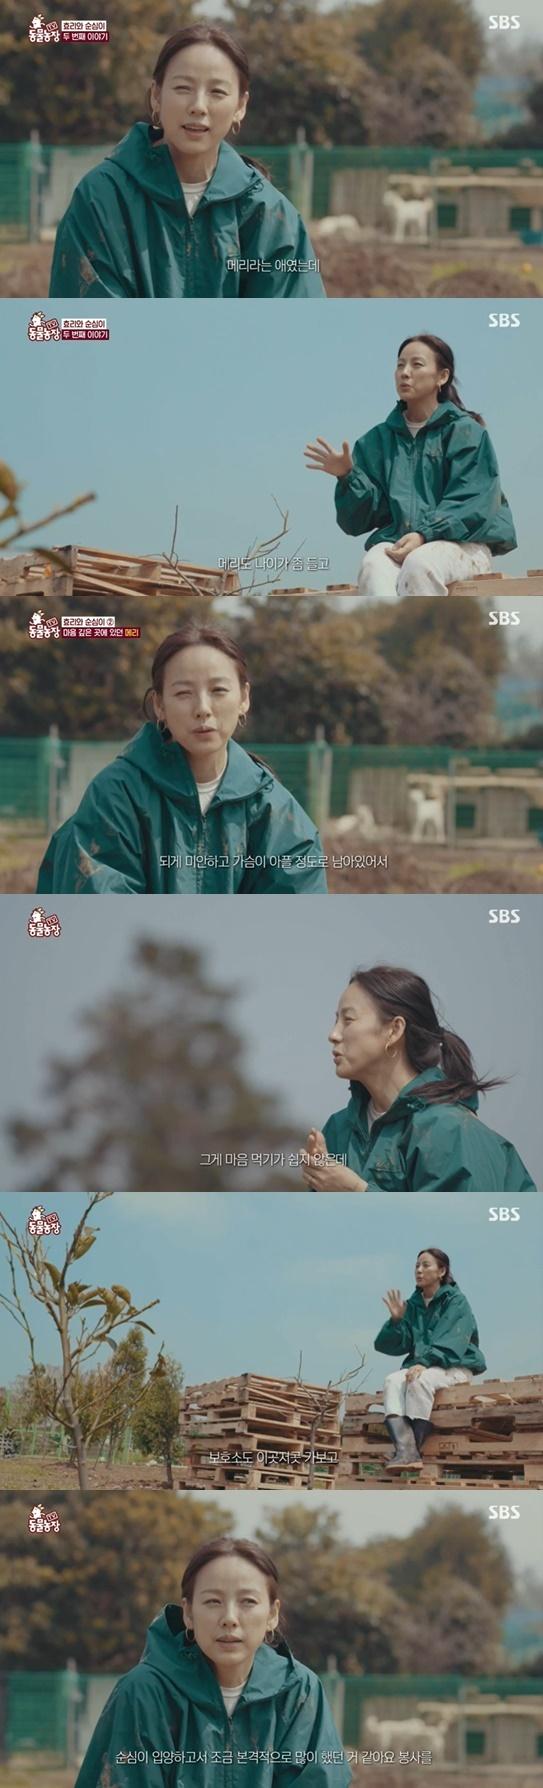 동물농장 이효리© 뉴스1